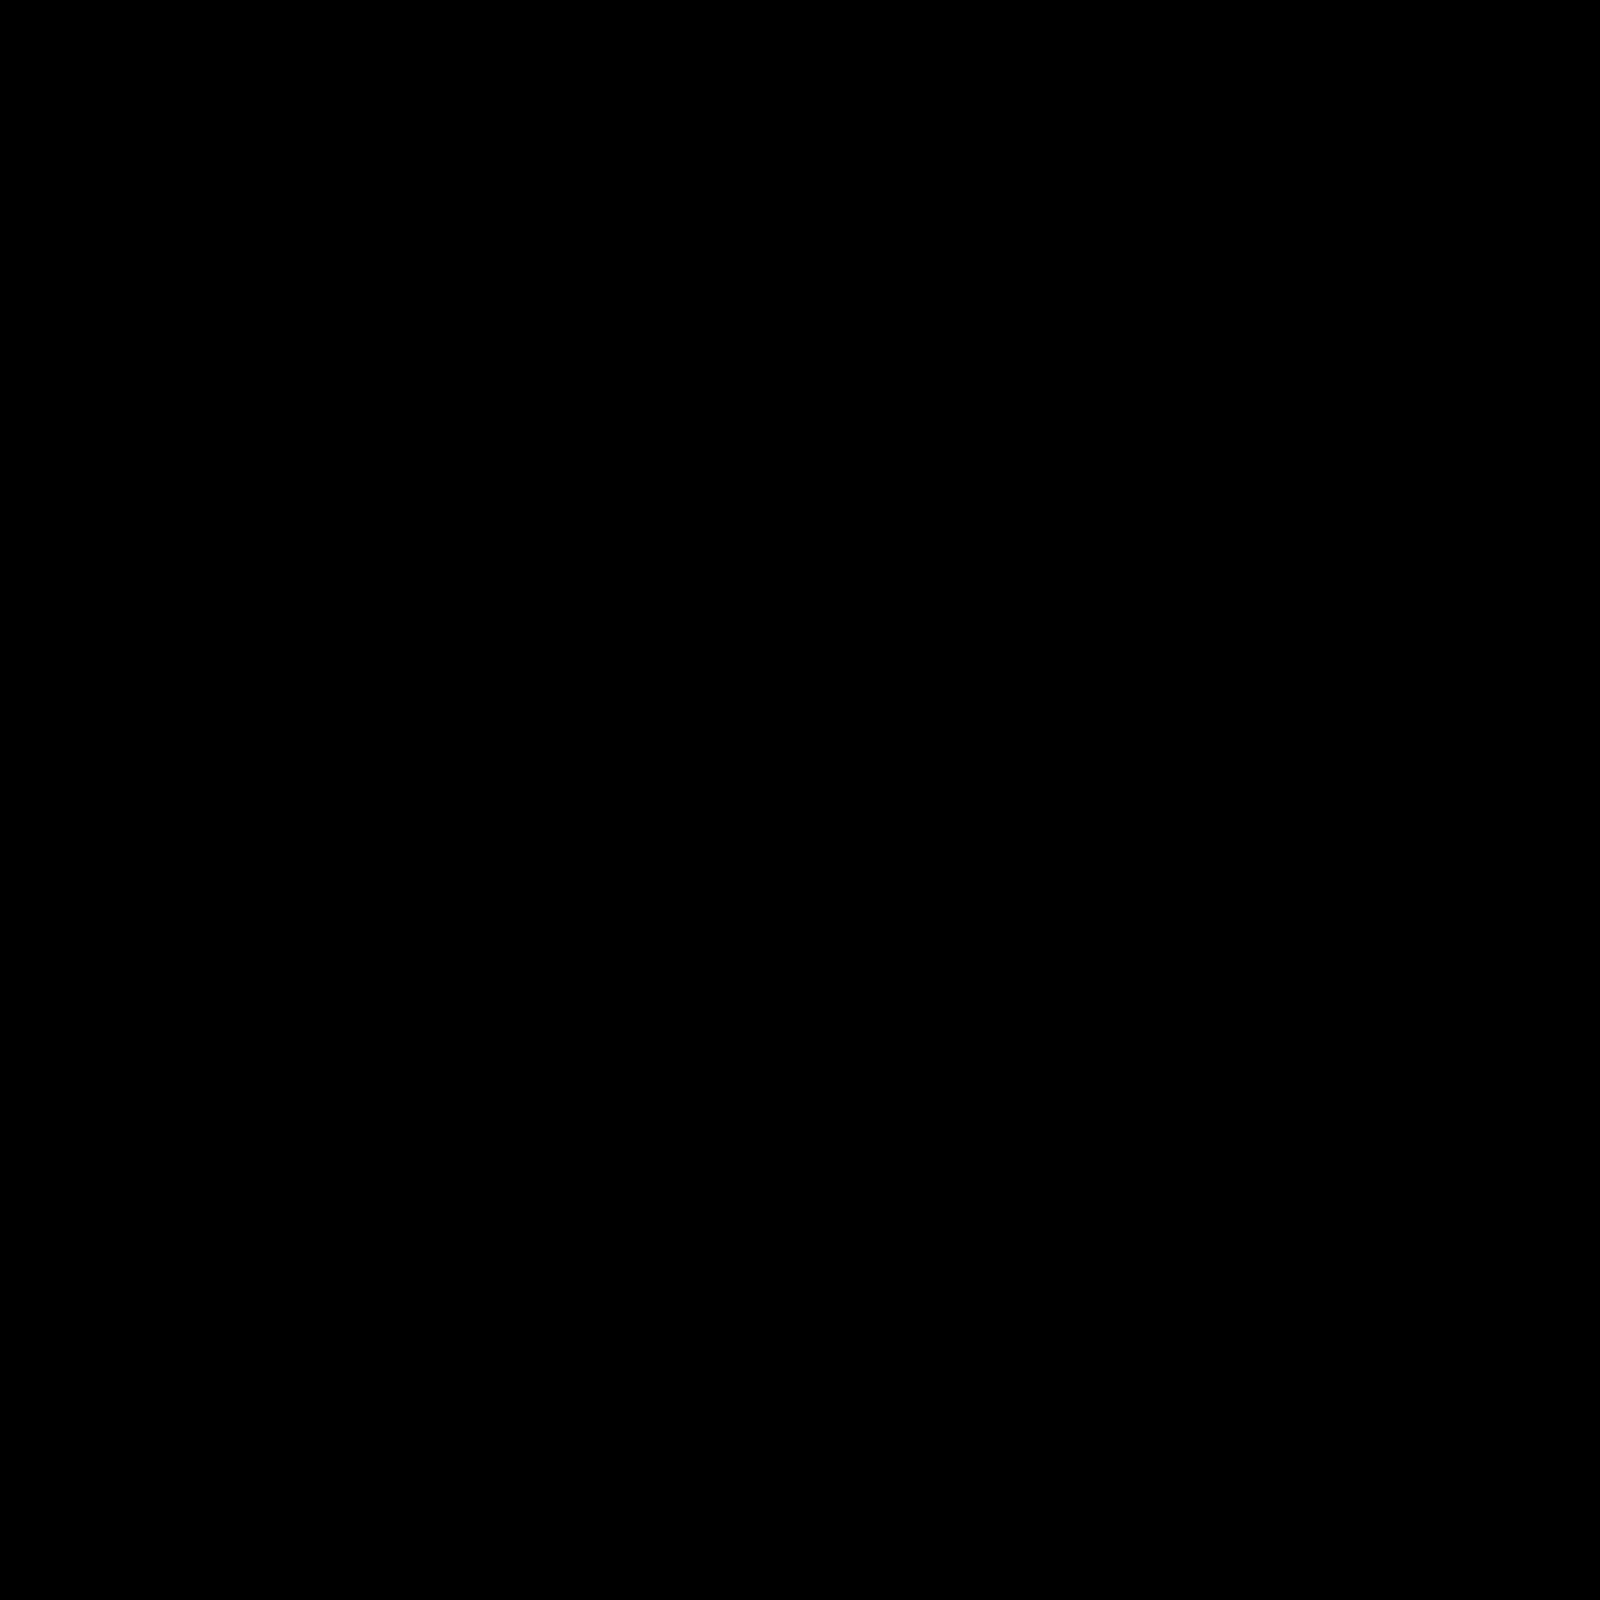 Ciasto wielkanocne icon